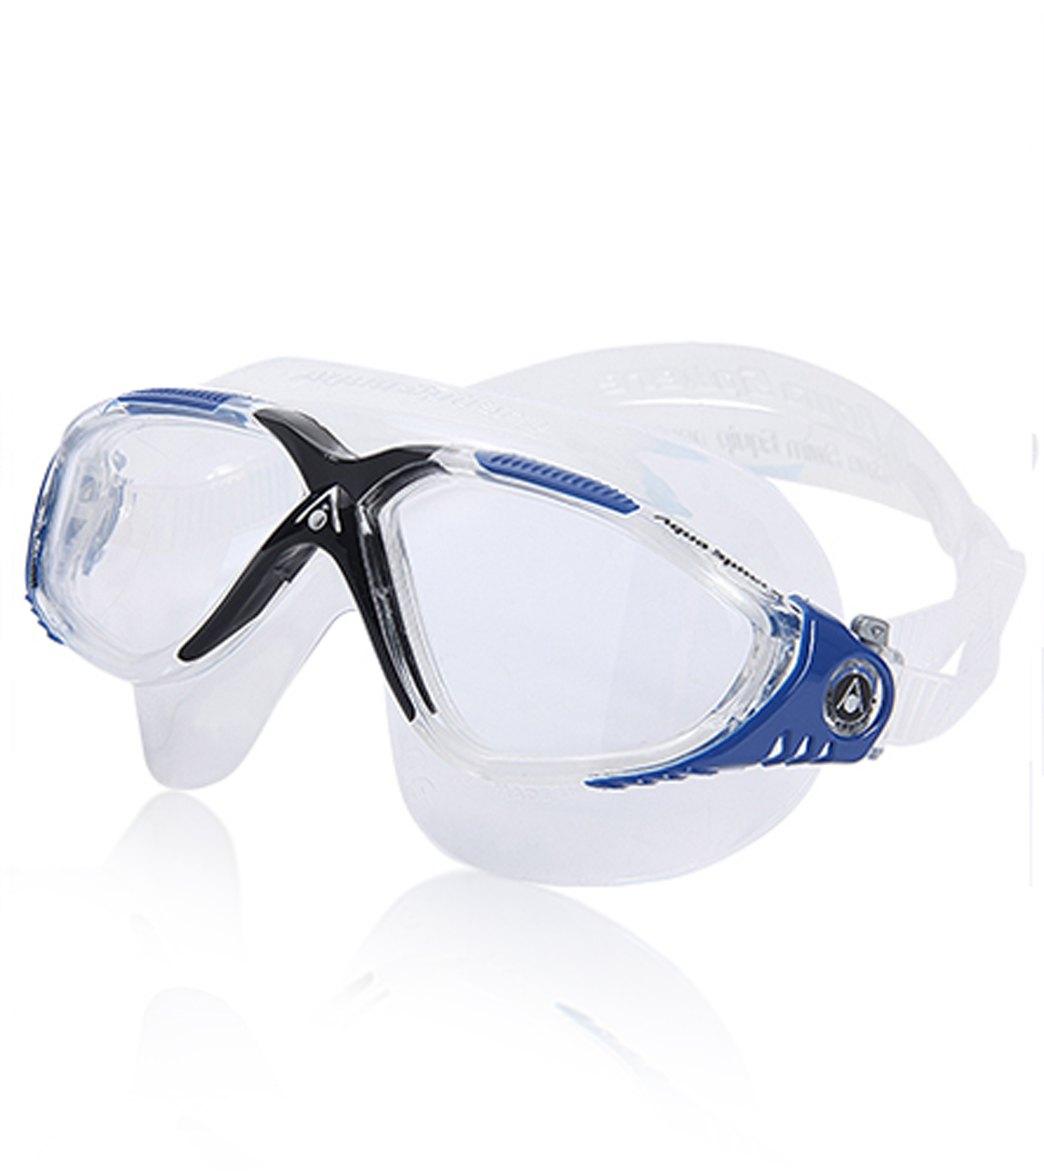 25b8c35ba3683 Aqua Sphere Vista Mask at SwimOutlet.com